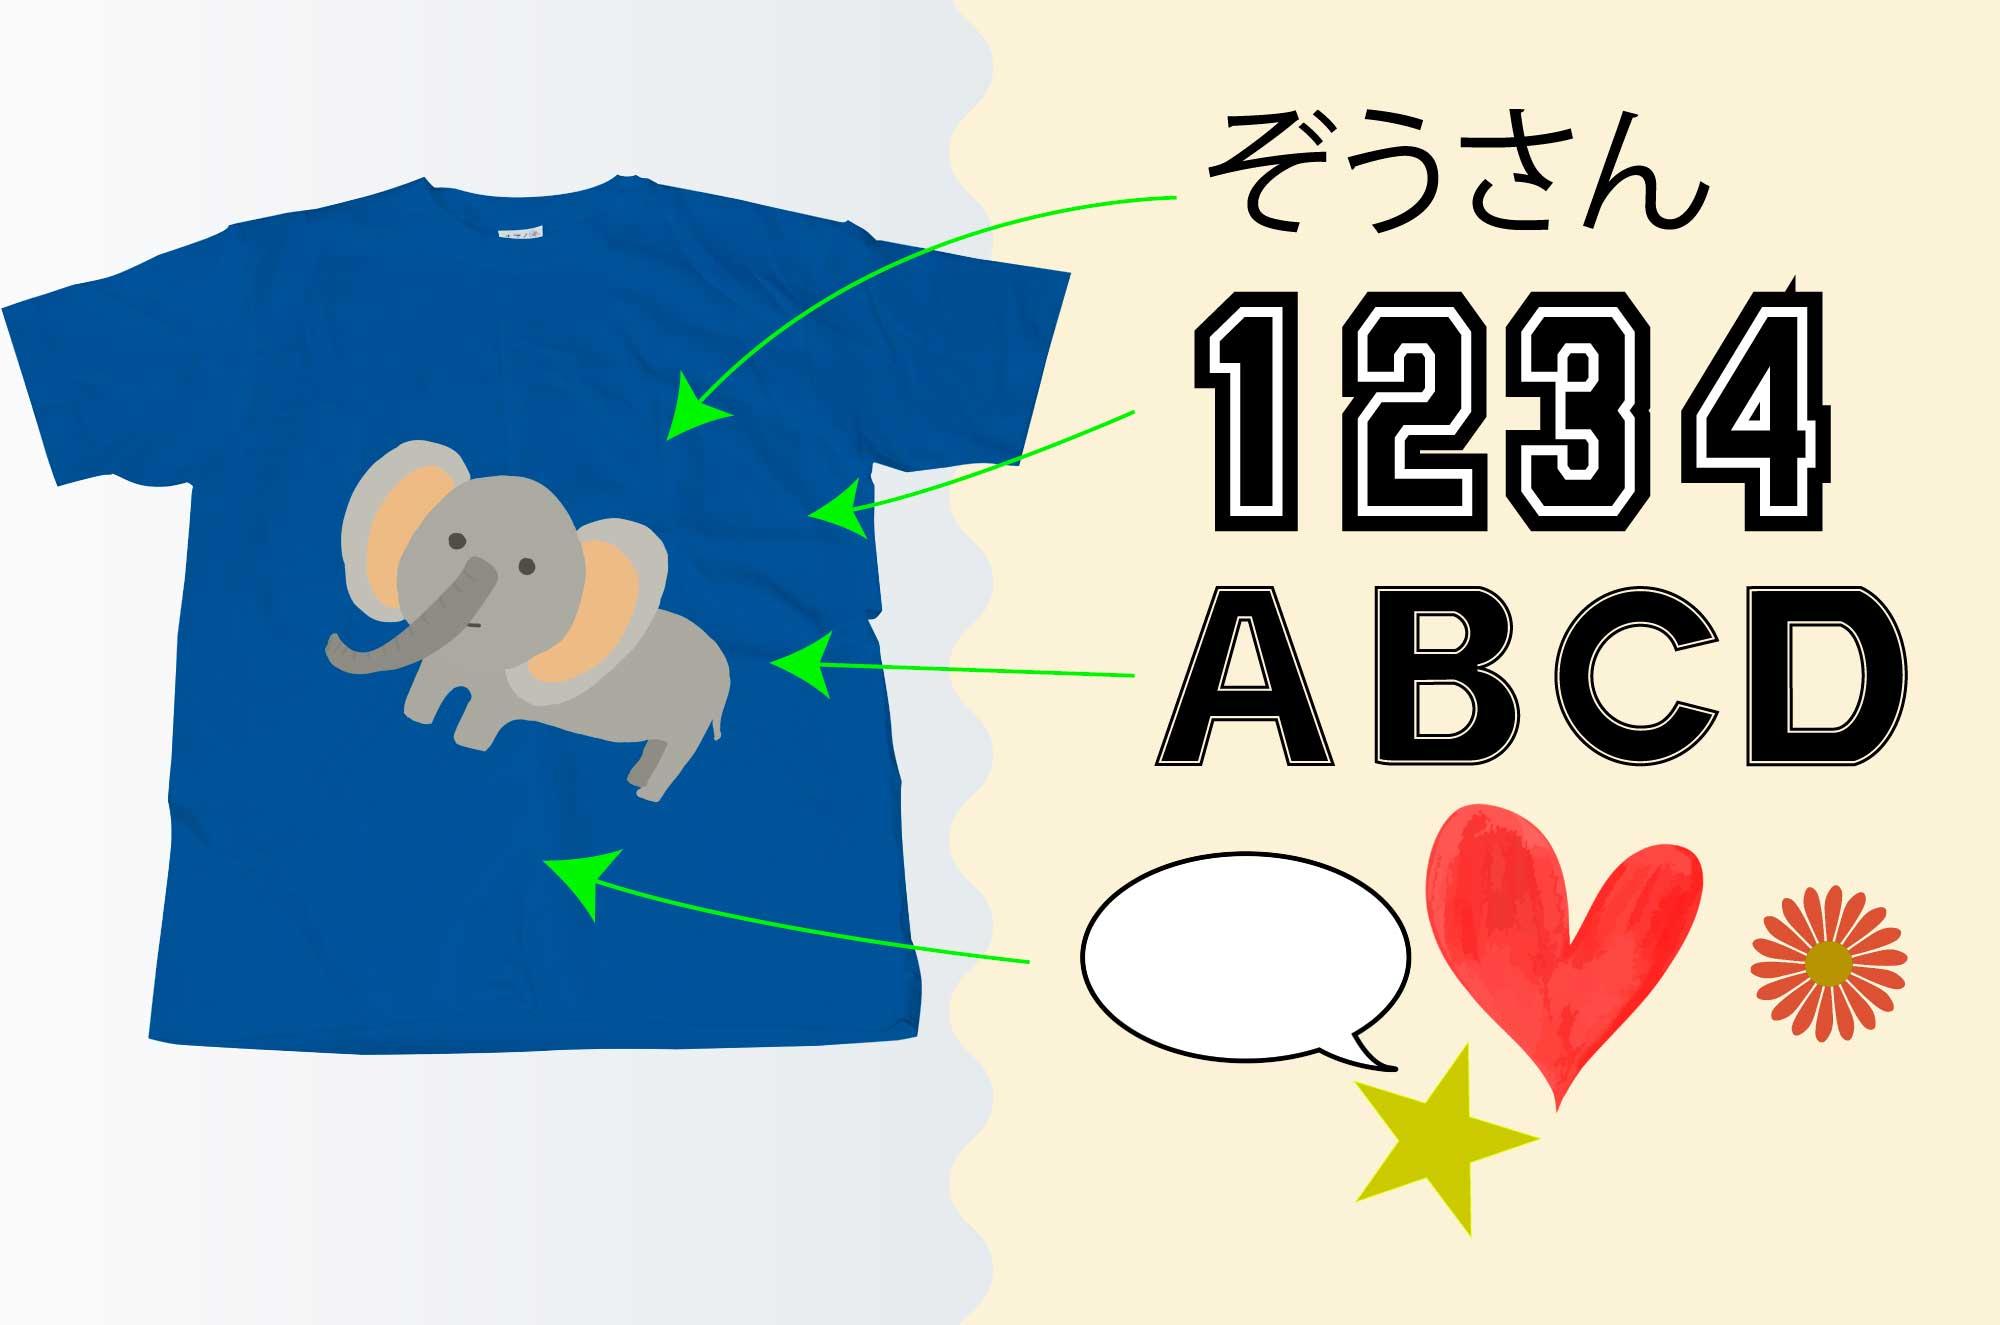 名入れ・デザイン変更自由!1枚から簡単にTシャツ作成